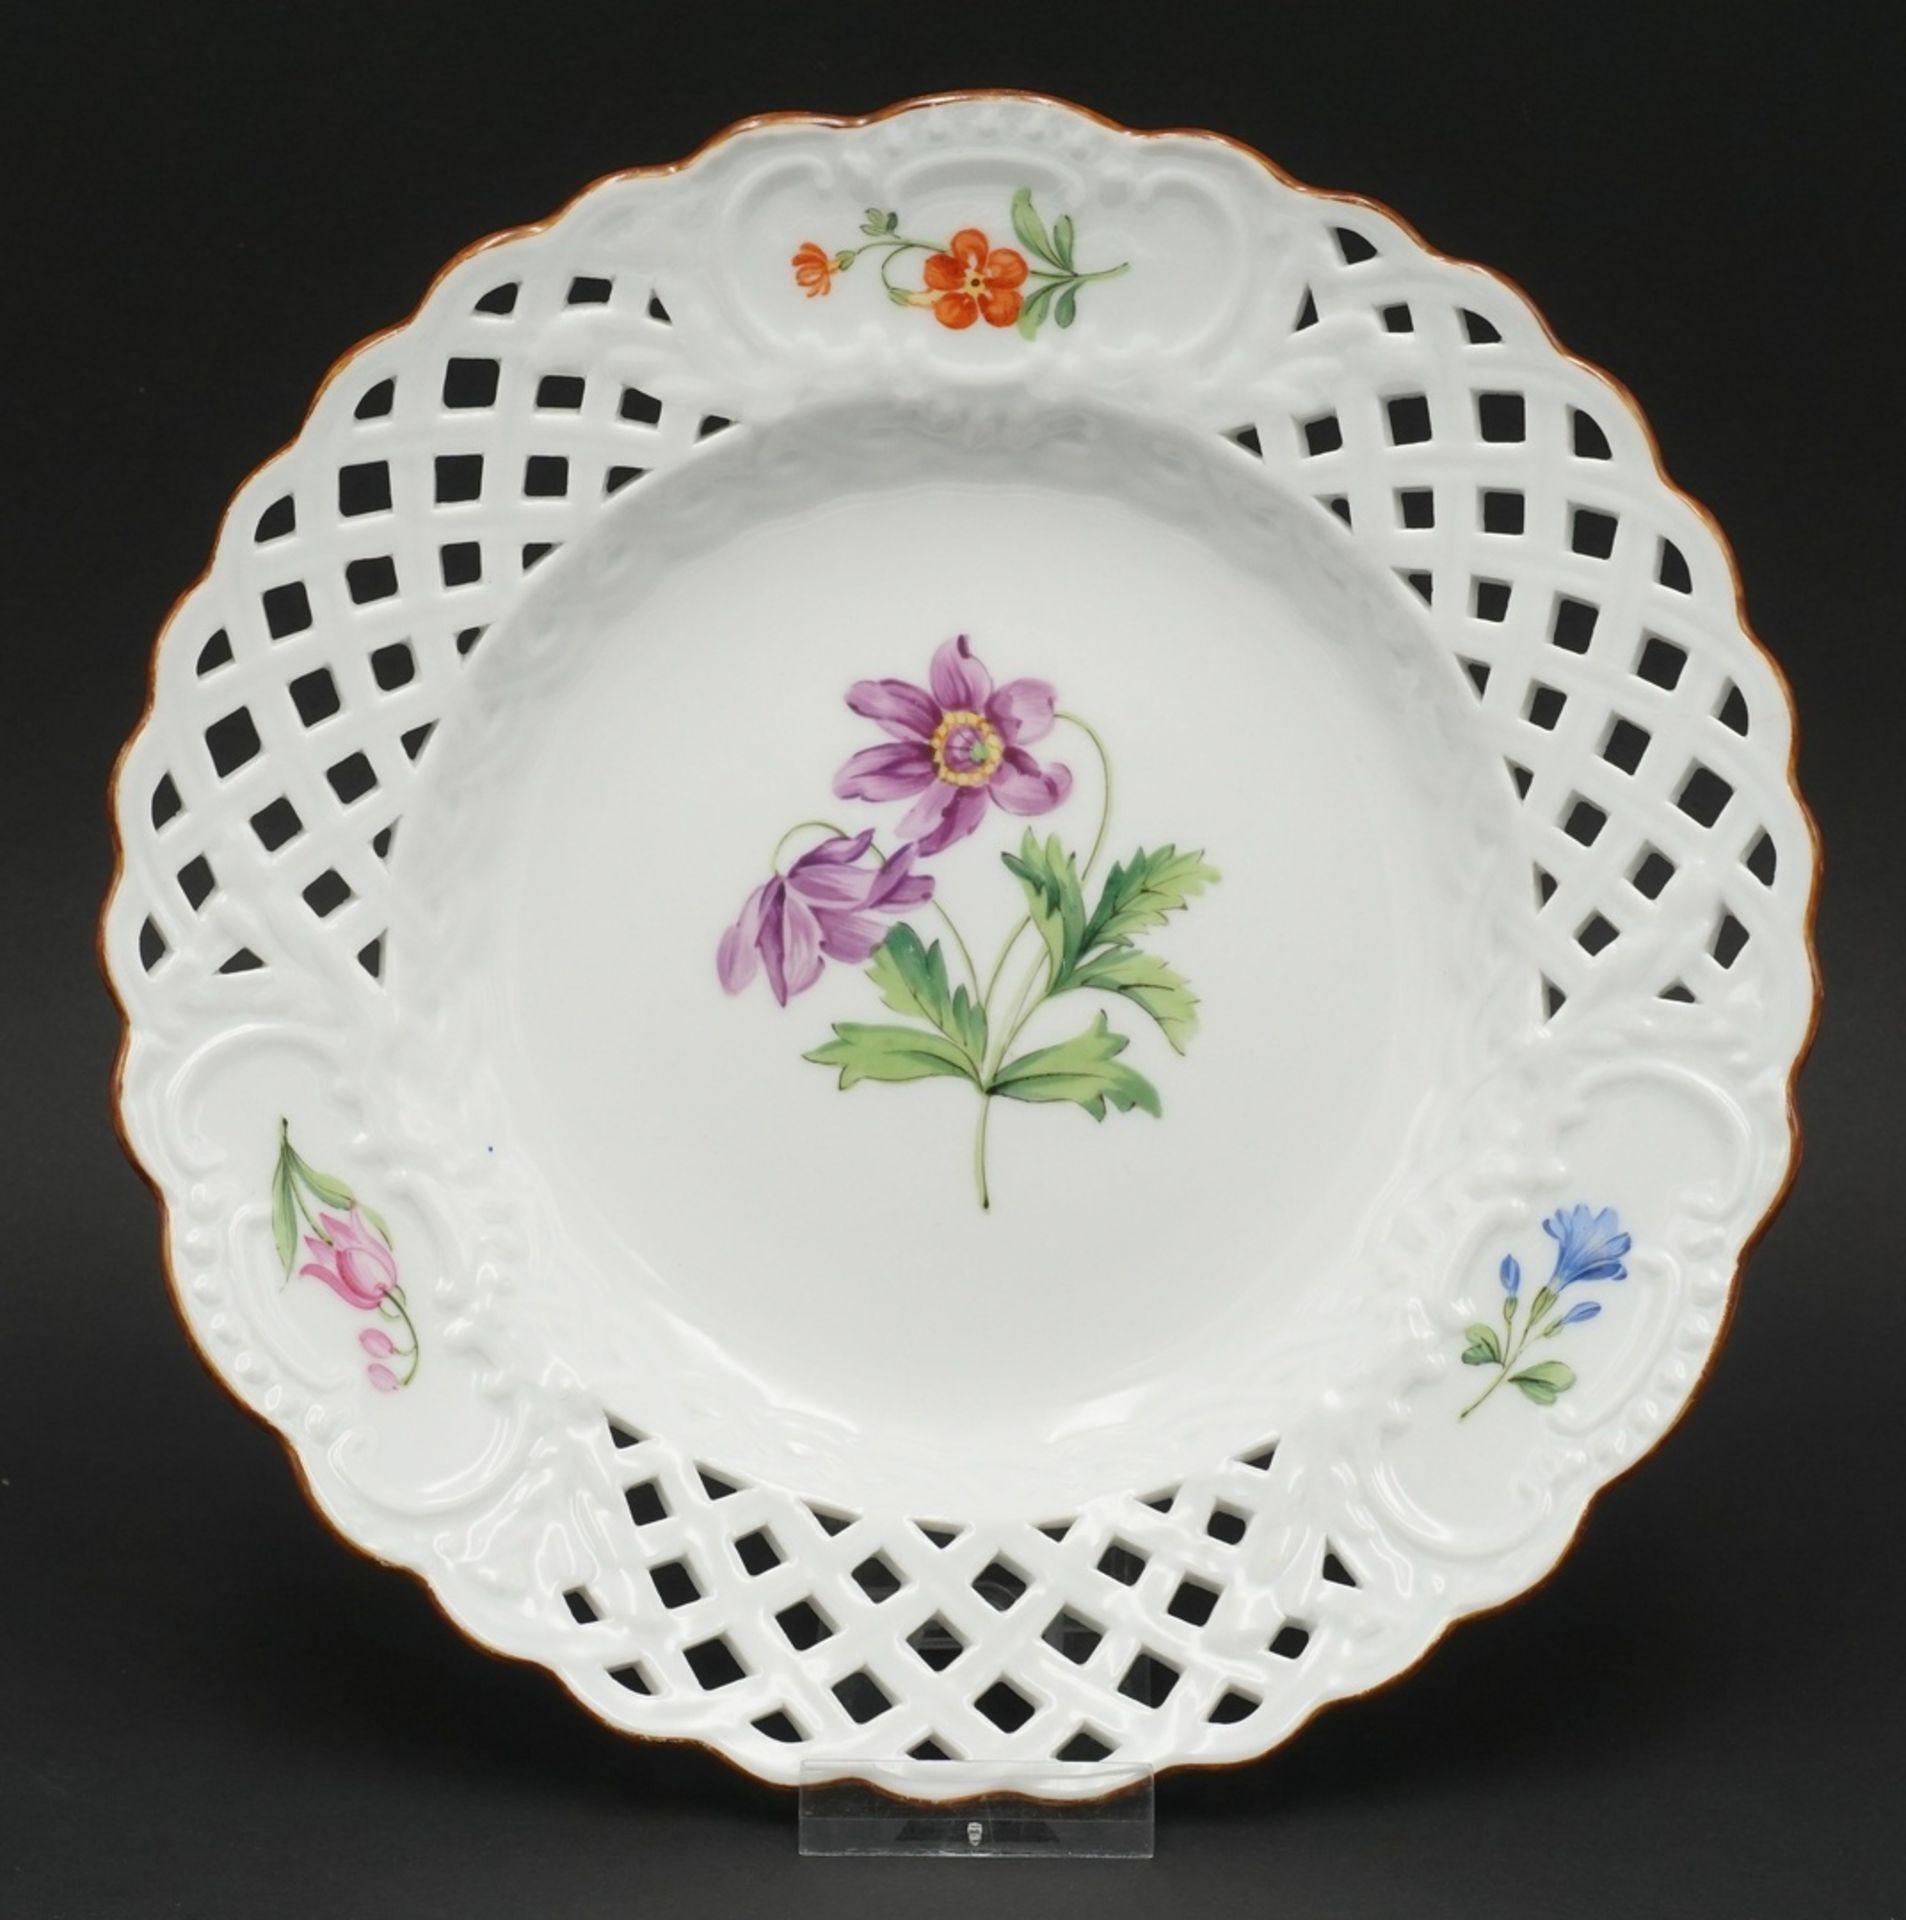 Meissen Teller und Durchbruchteller mit Blumenmalerei - Bild 4 aus 5